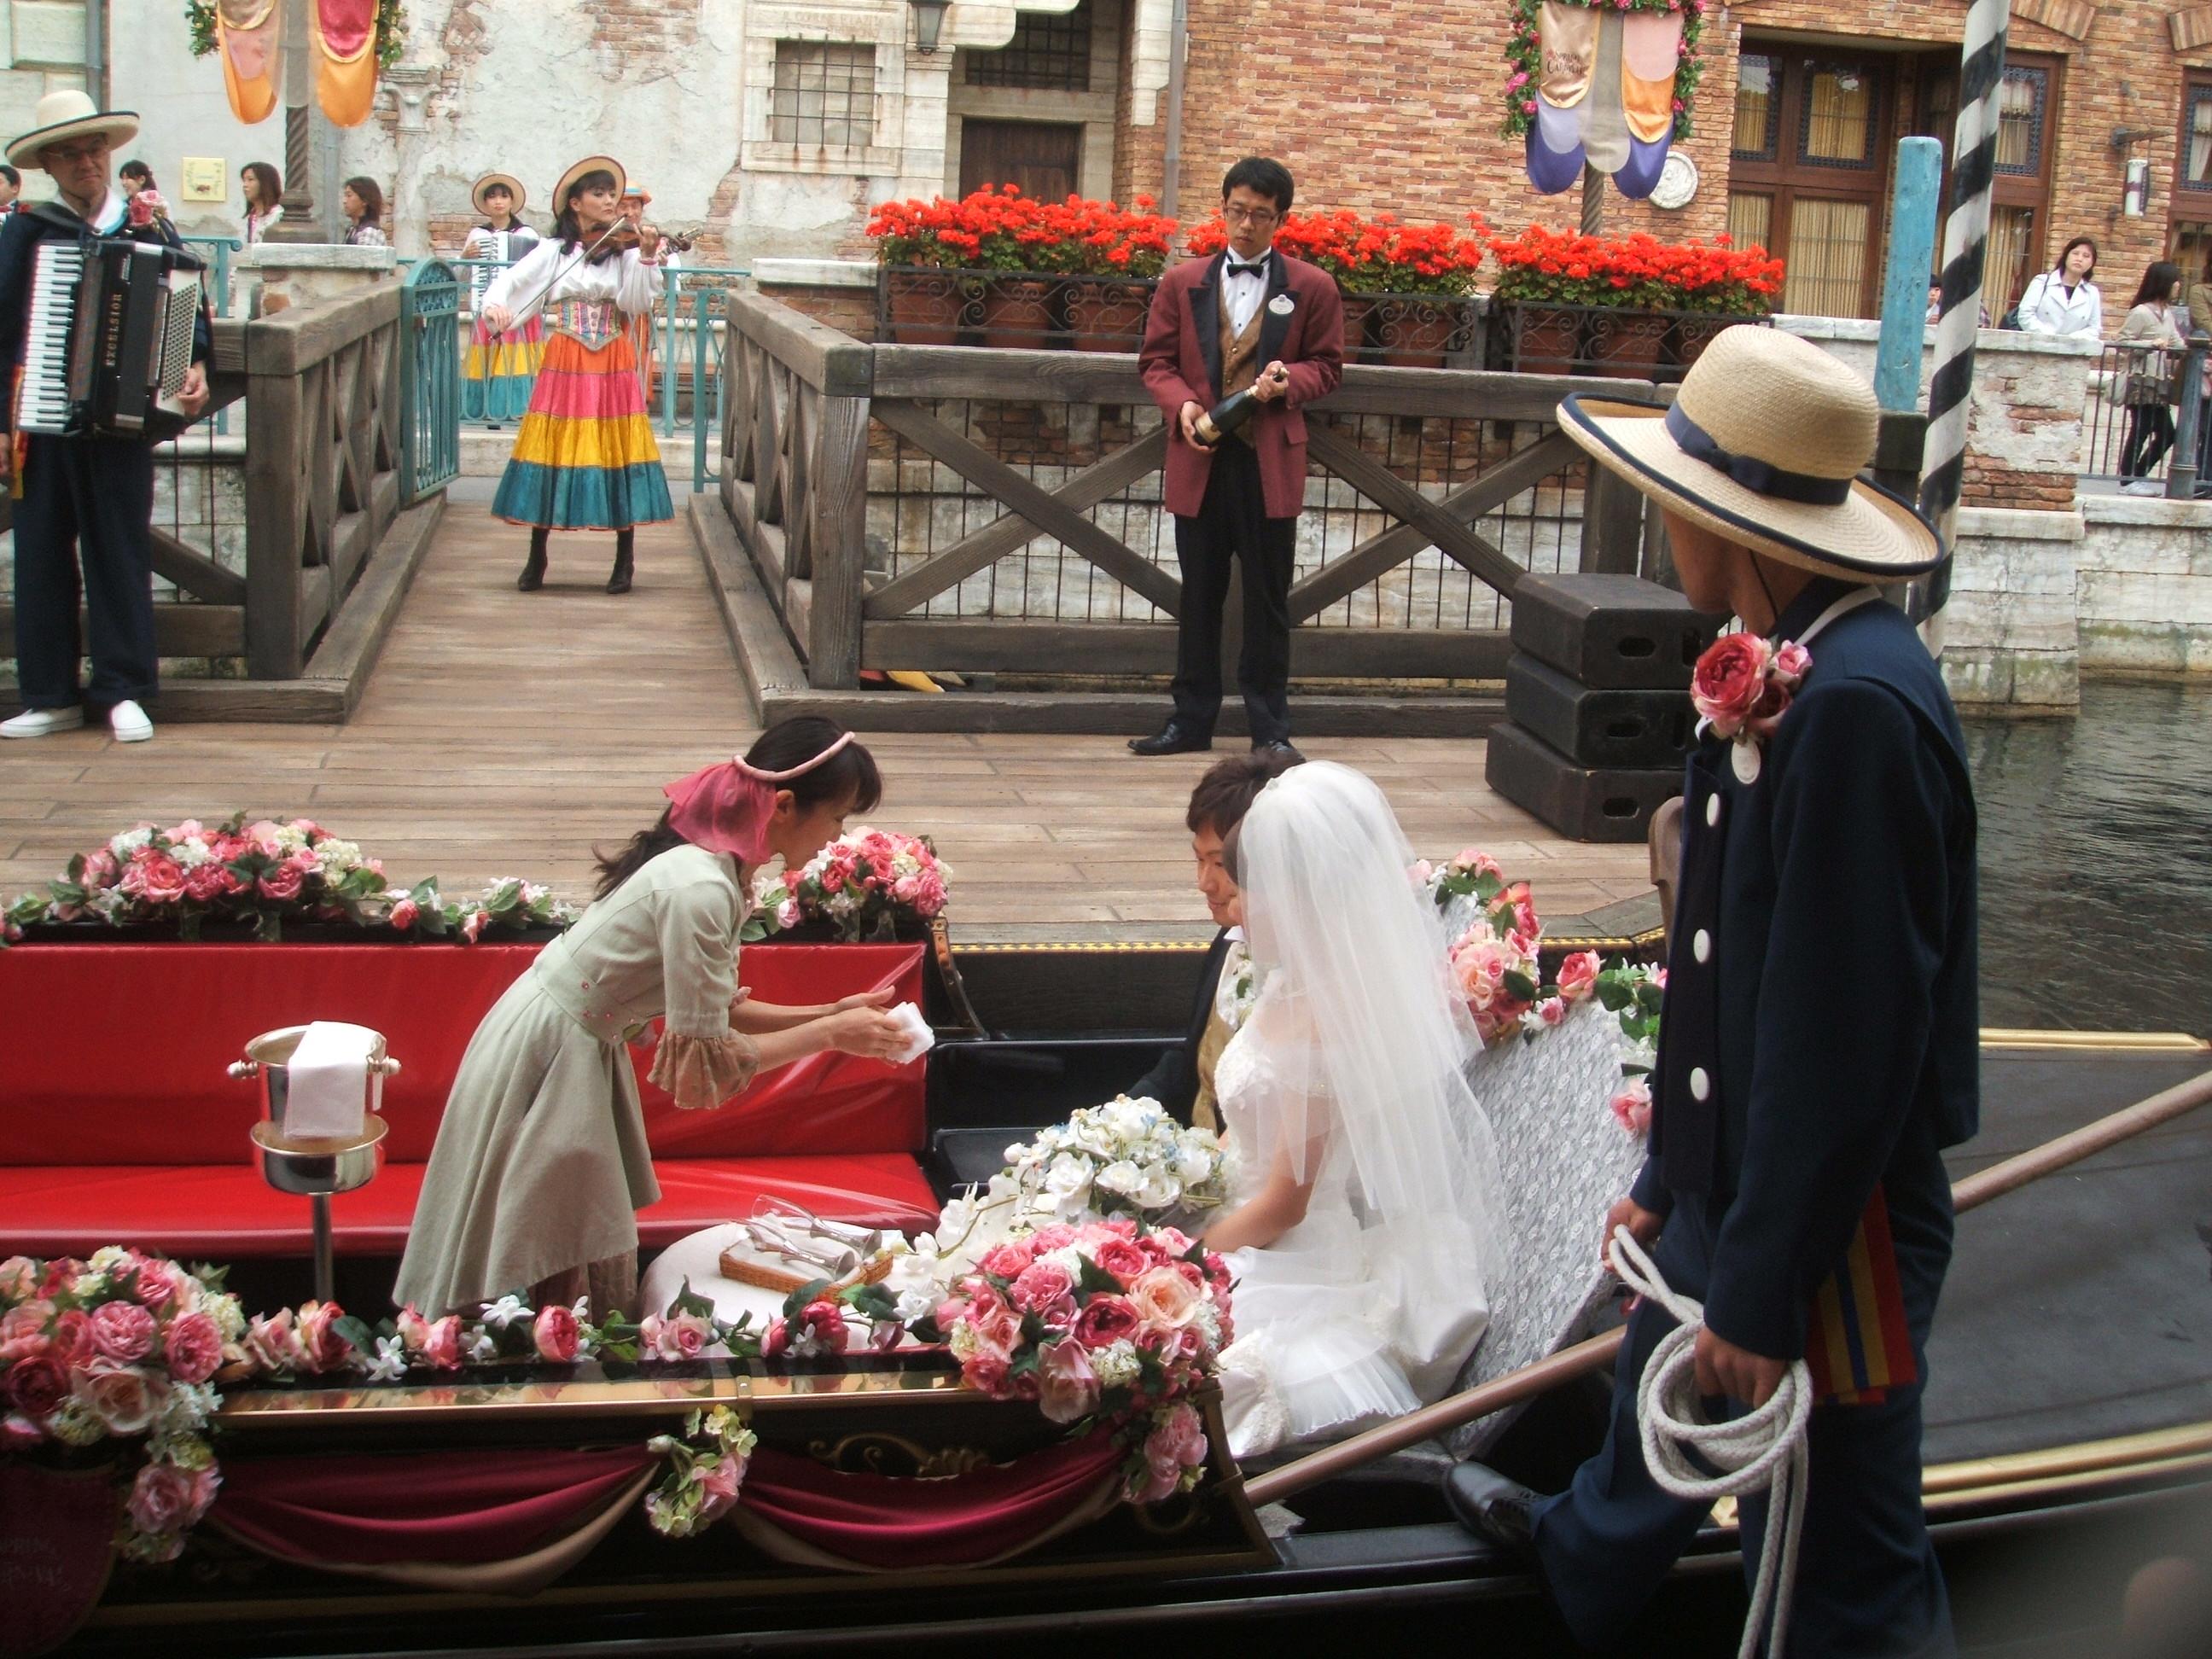 ひとしきり遊んだ後、また4人で合流してヴェネチアン・ゴンドラに並んでいたらなんとホテルミラコスタで挙式後の新郎と新婦が二人でゴンドラにきたの。